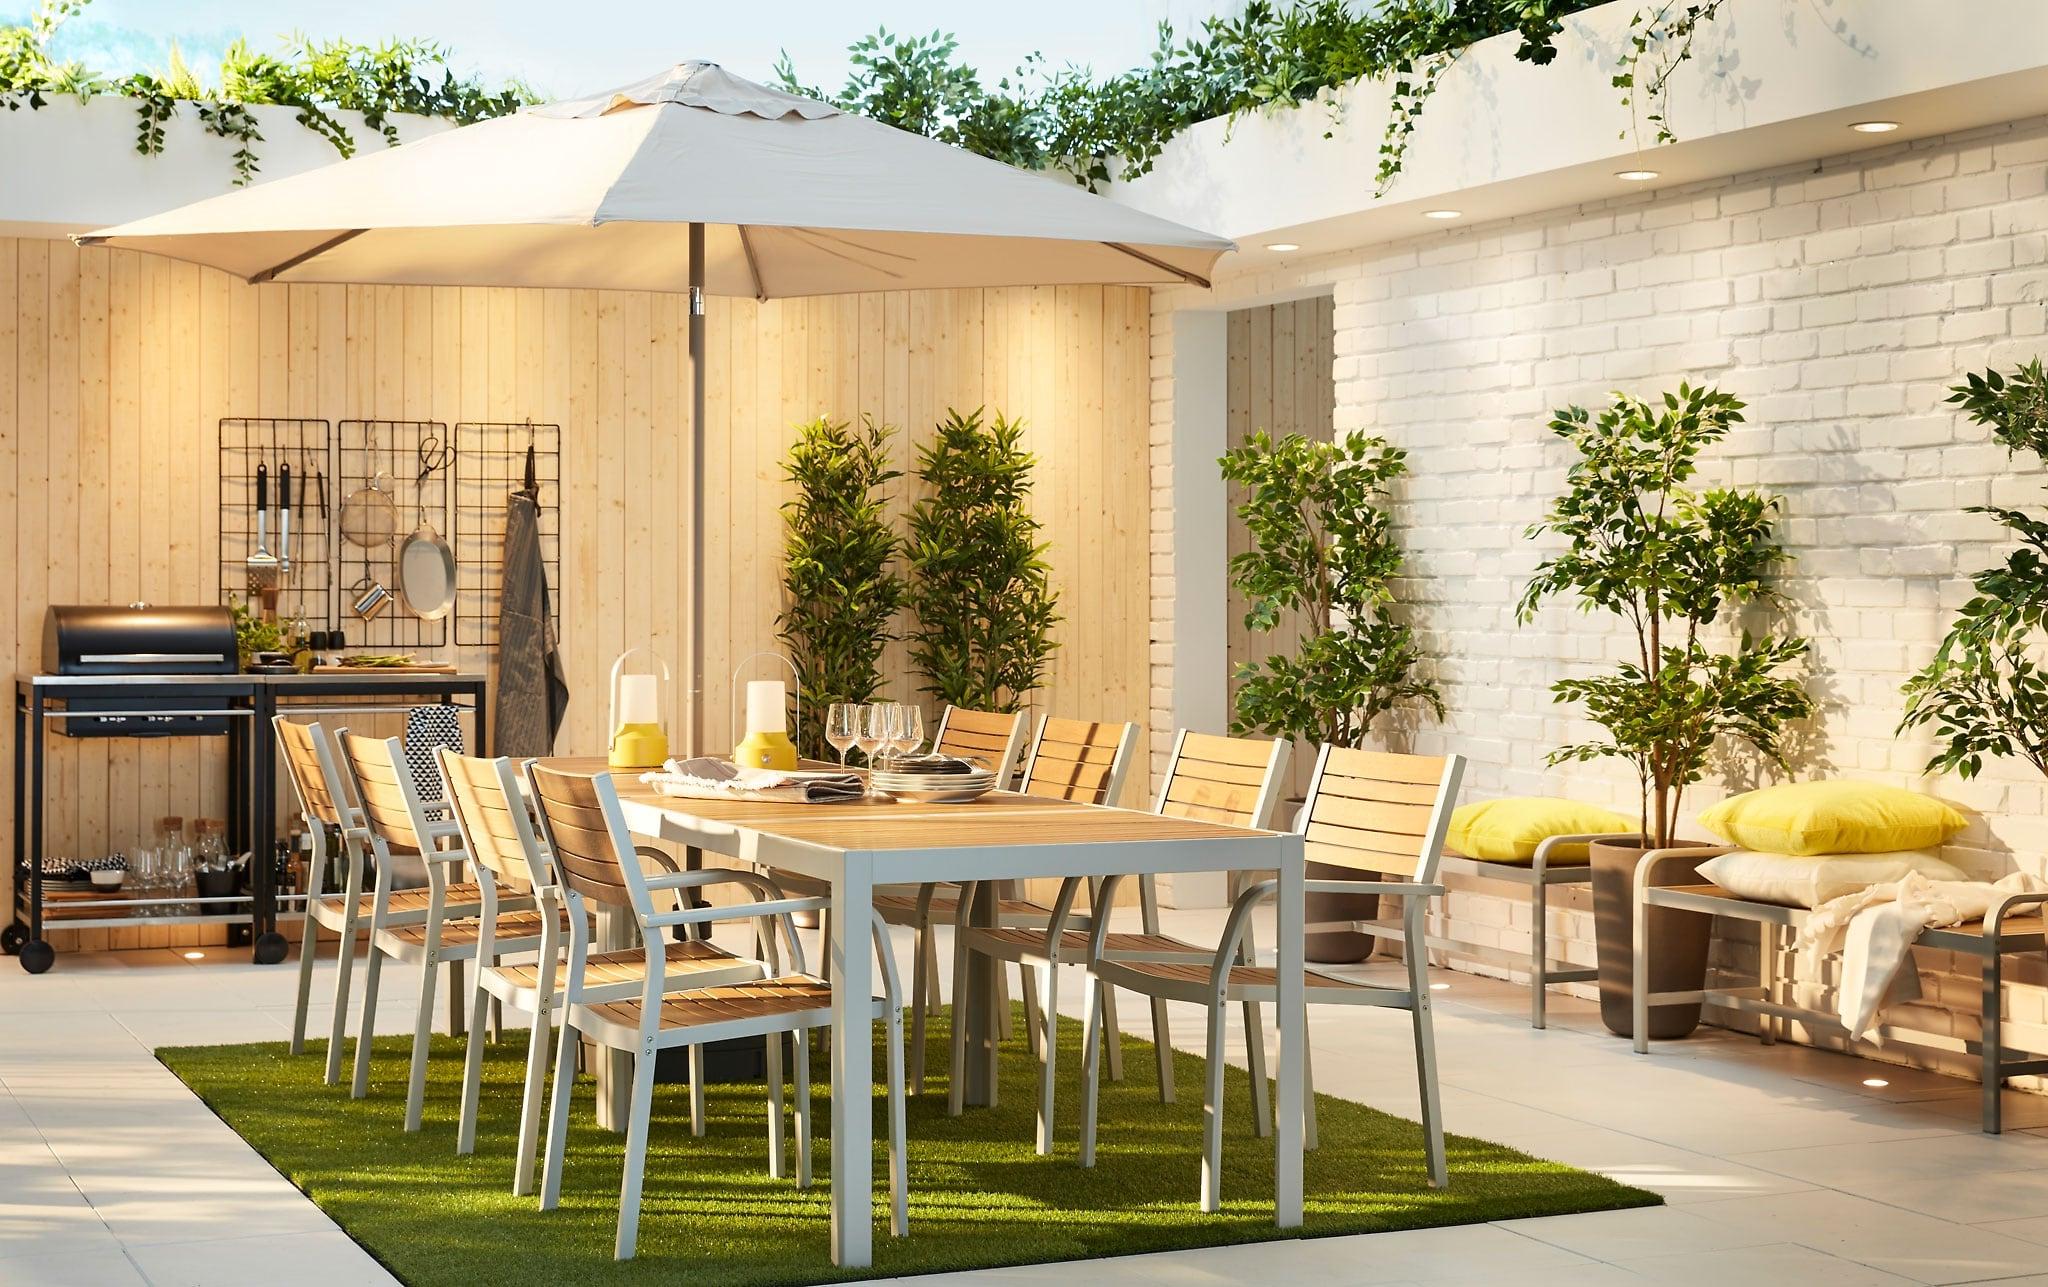 Mesa Balcon Ikea Fmdf Muebles De Jardà N Y Terraza Muebles De Exterior Pra Online Ikea